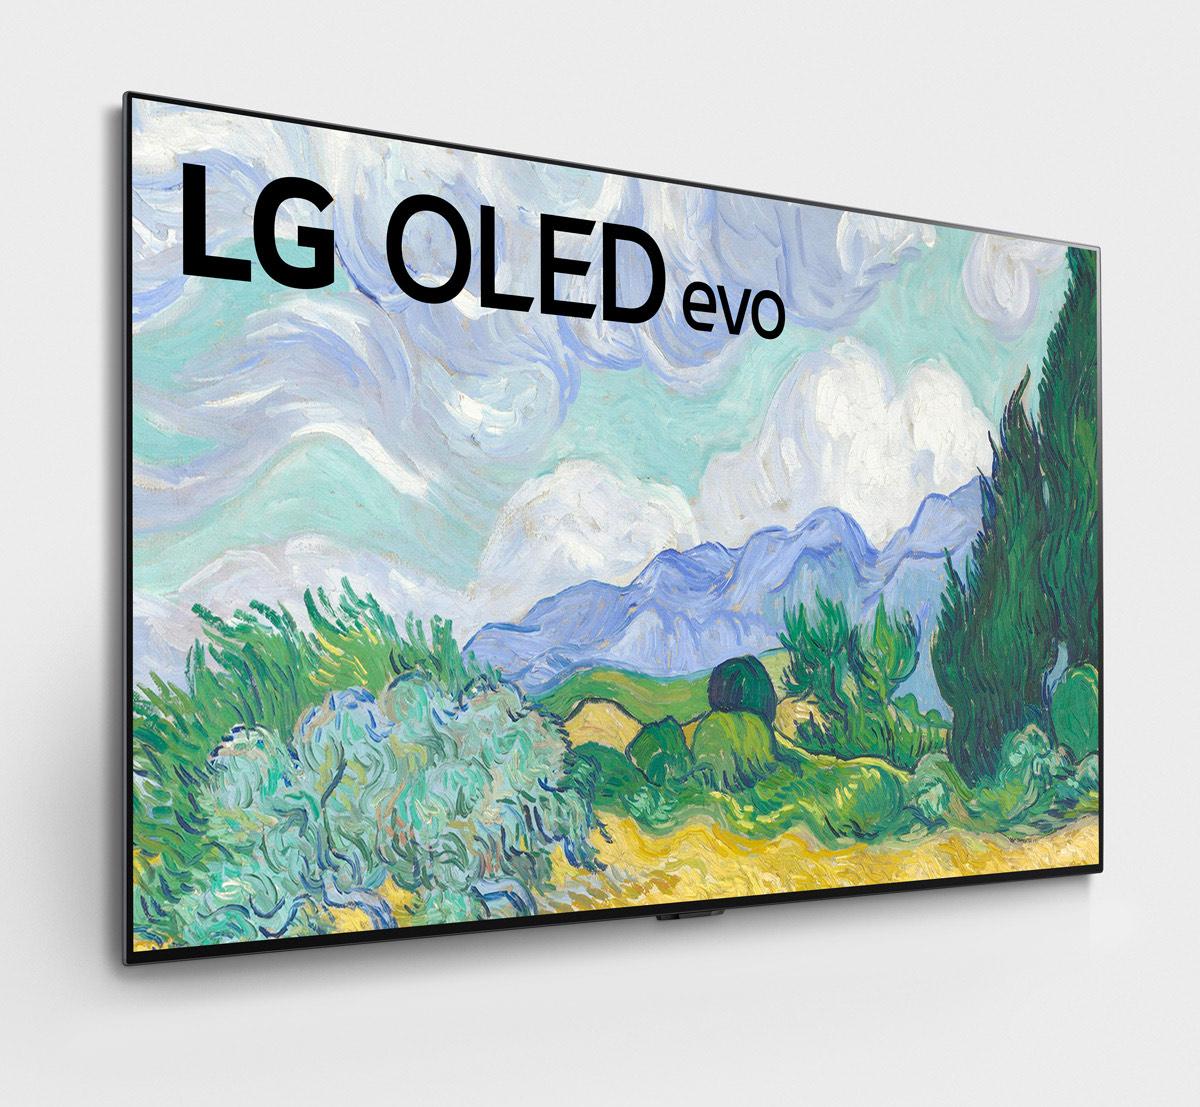 [Lokal Oberhausen] LG OLED 65 G19 Evo 2.385€ / LG OLED 55 G19 Evo 1.470€